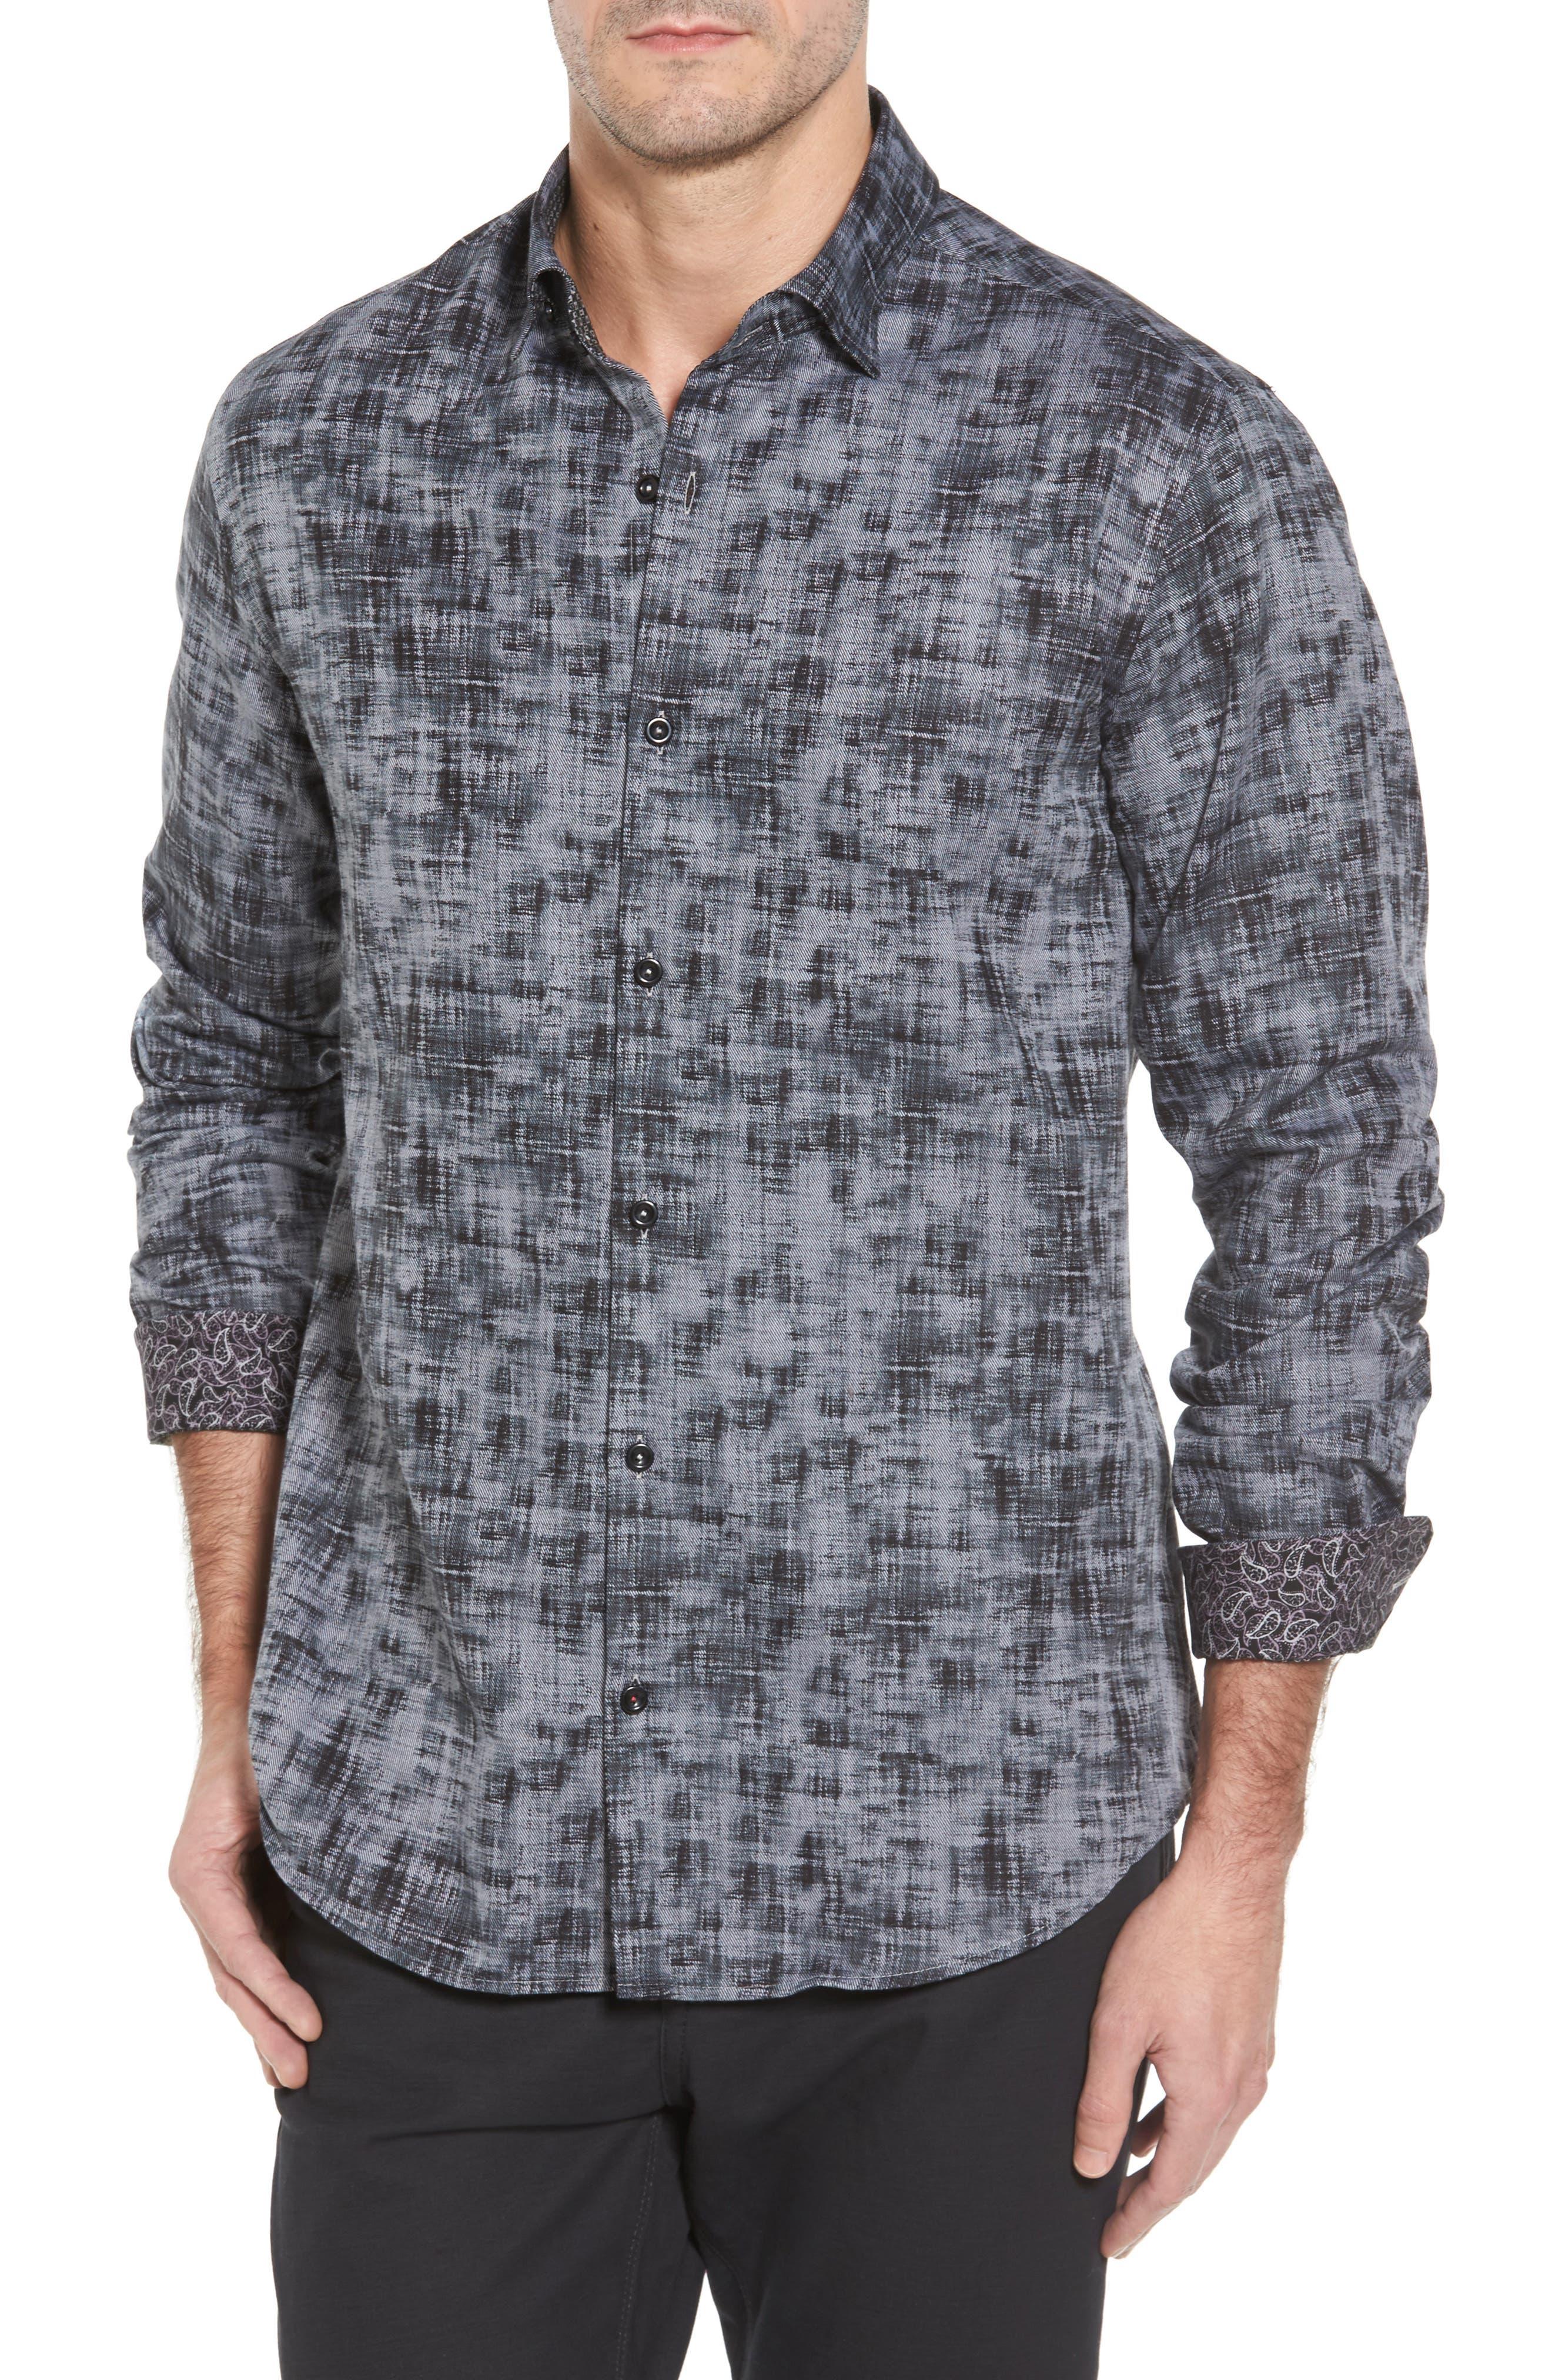 Stone Rose Slim Fit Twill FX Print Sport Shirt